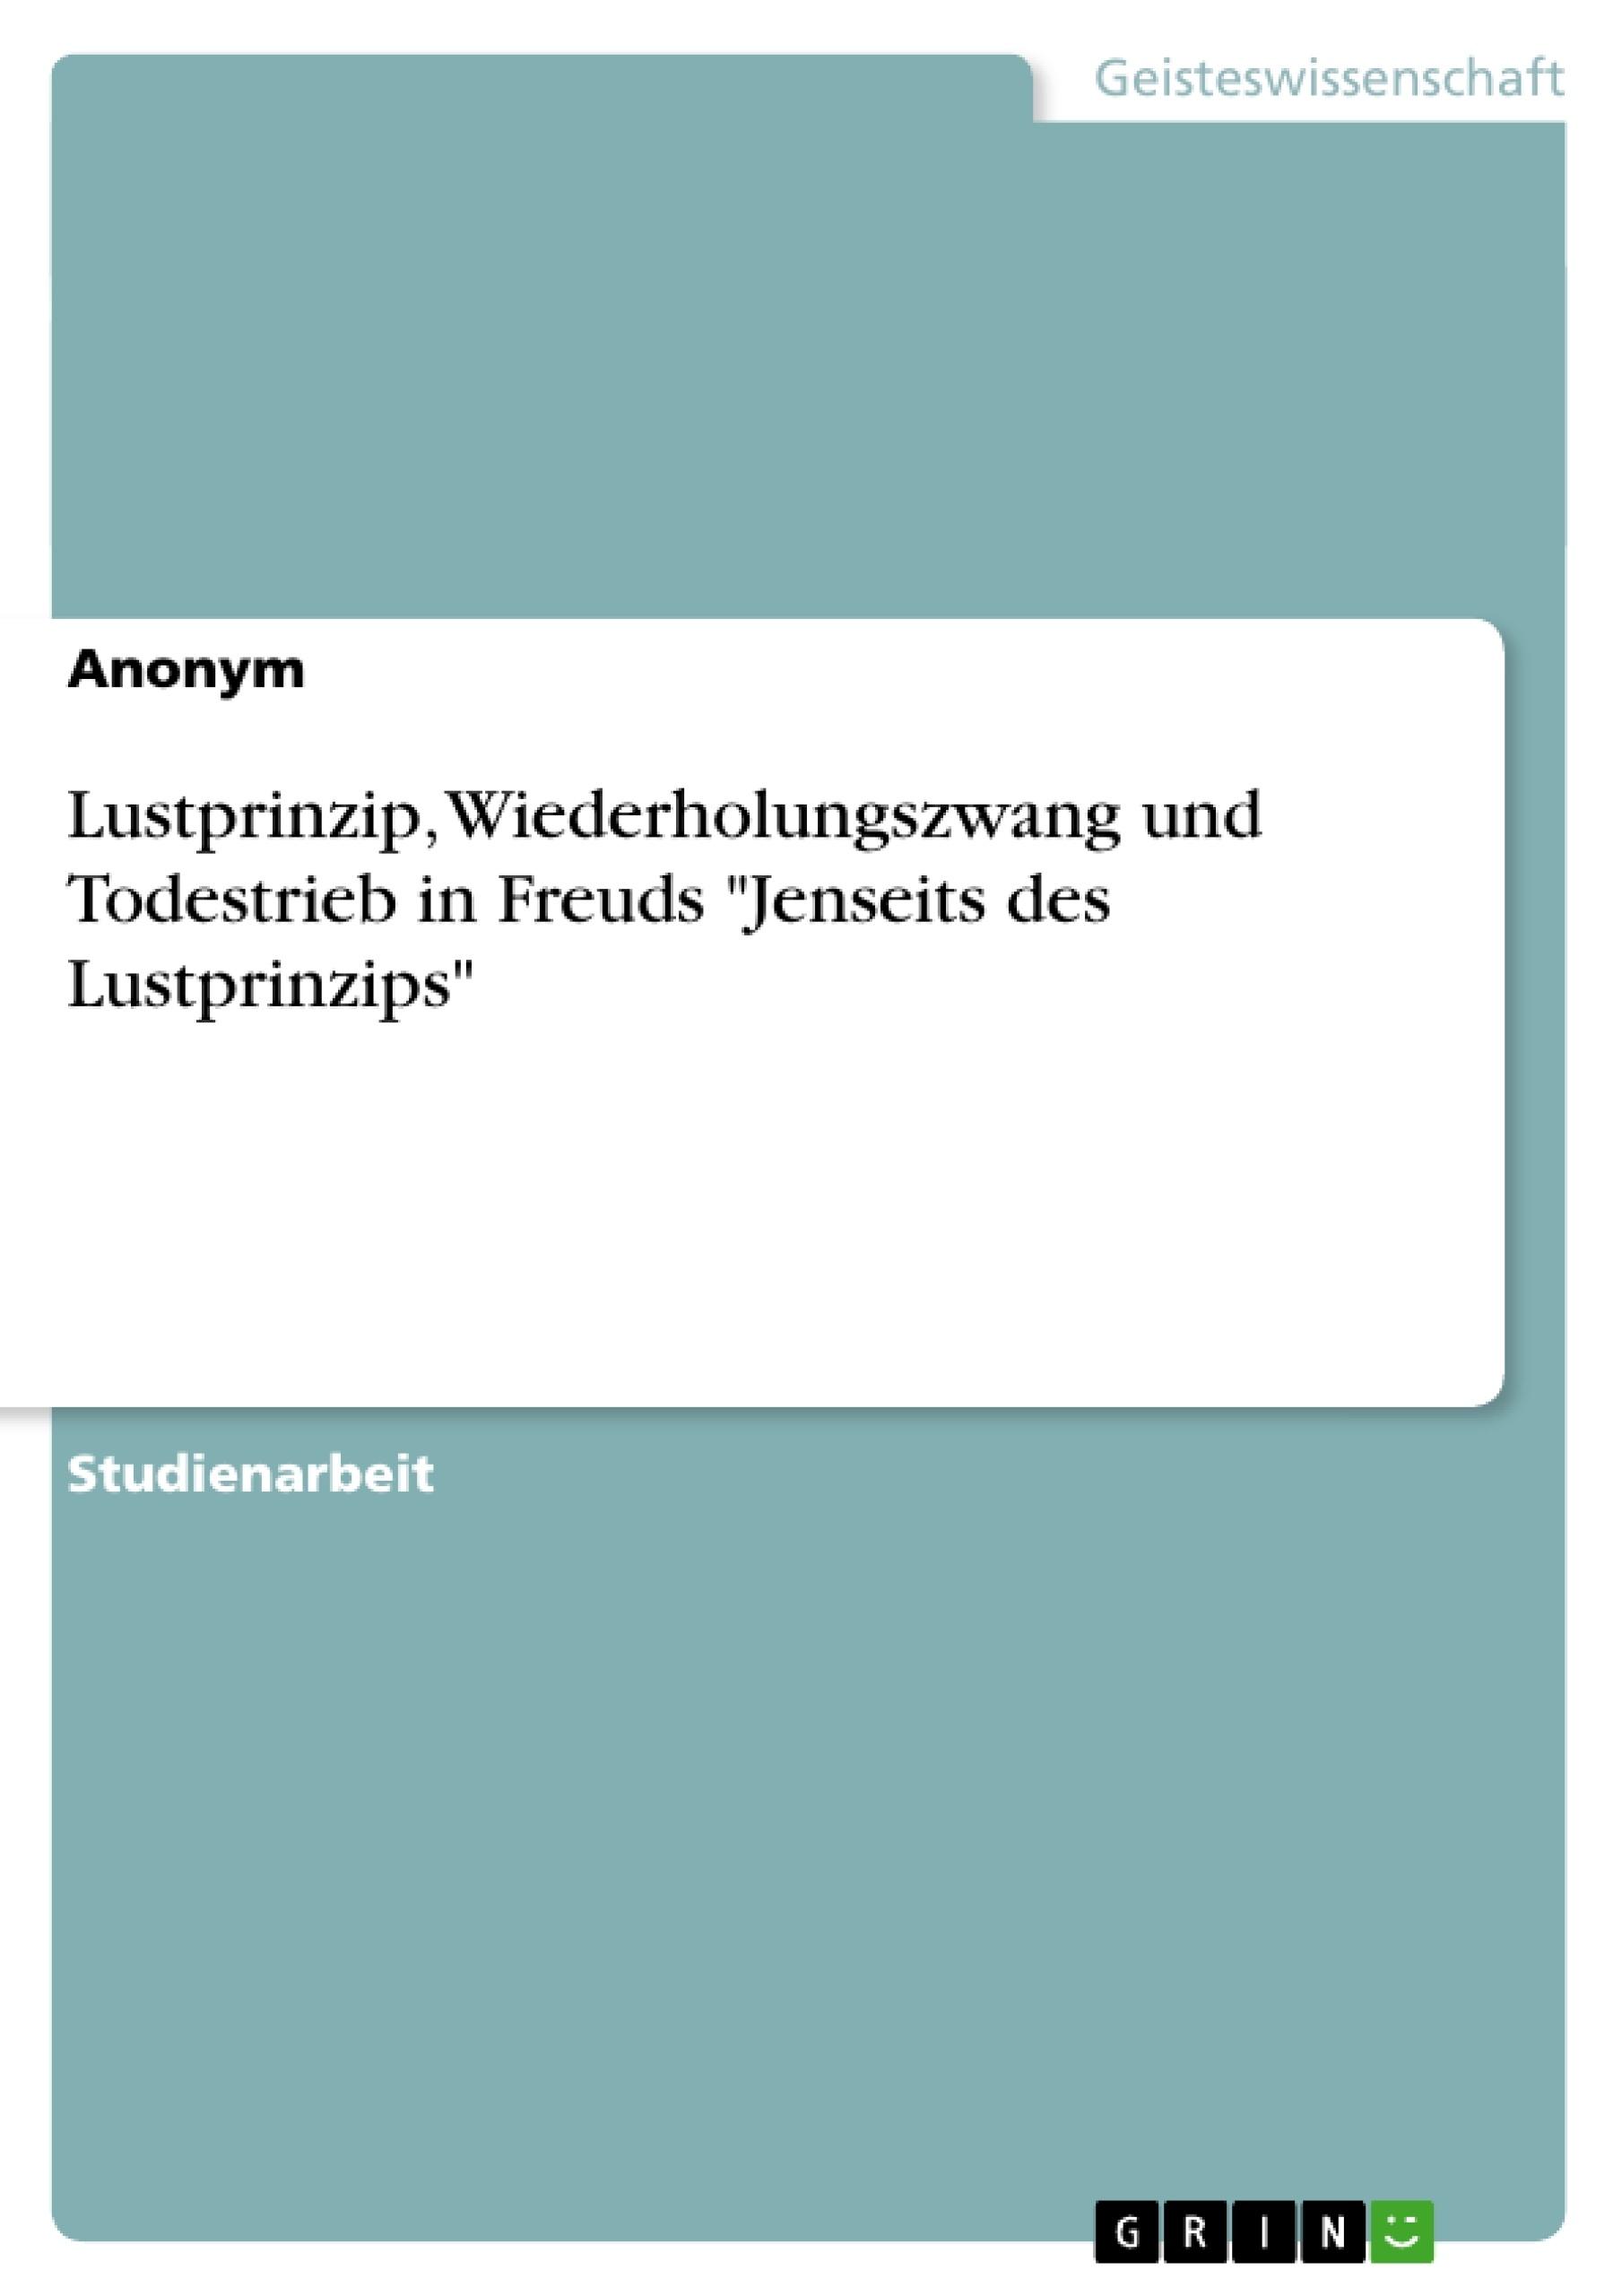 """Titel: Lustprinzip, Wiederholungszwang und Todestrieb in Freuds """"Jenseits des Lustprinzips"""""""